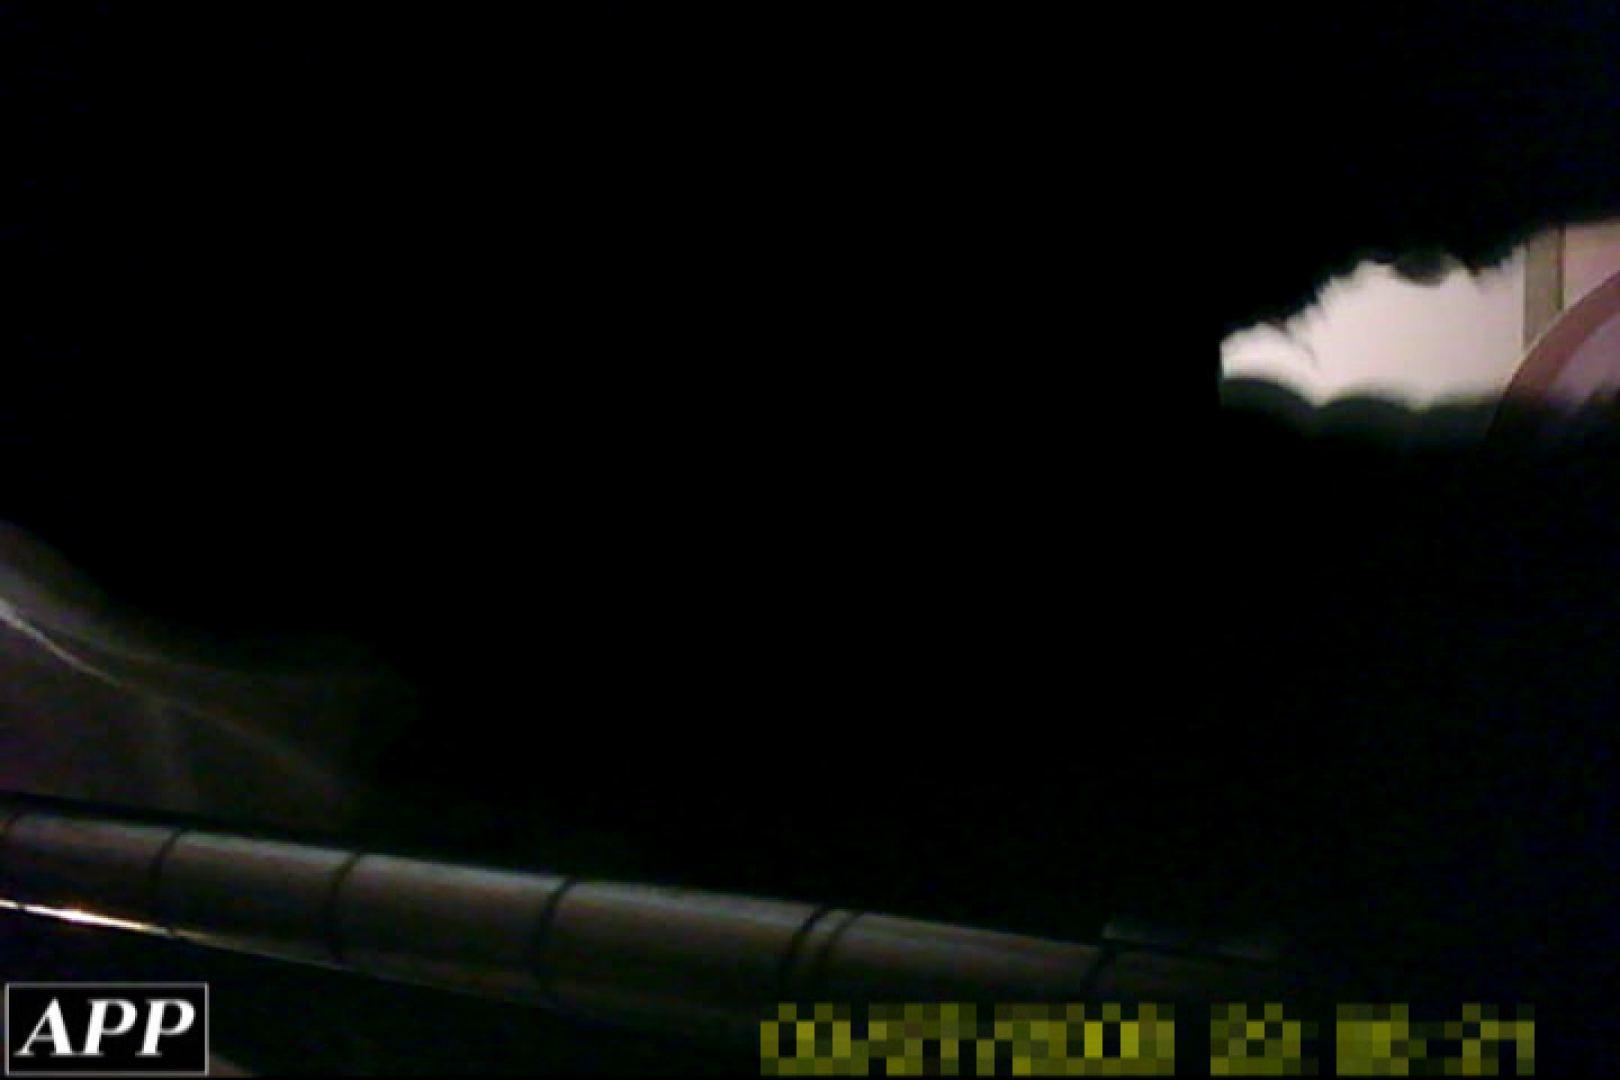 3視点洗面所 vol.18 オマンコ見放題 オマンコ無修正動画無料 108枚 89